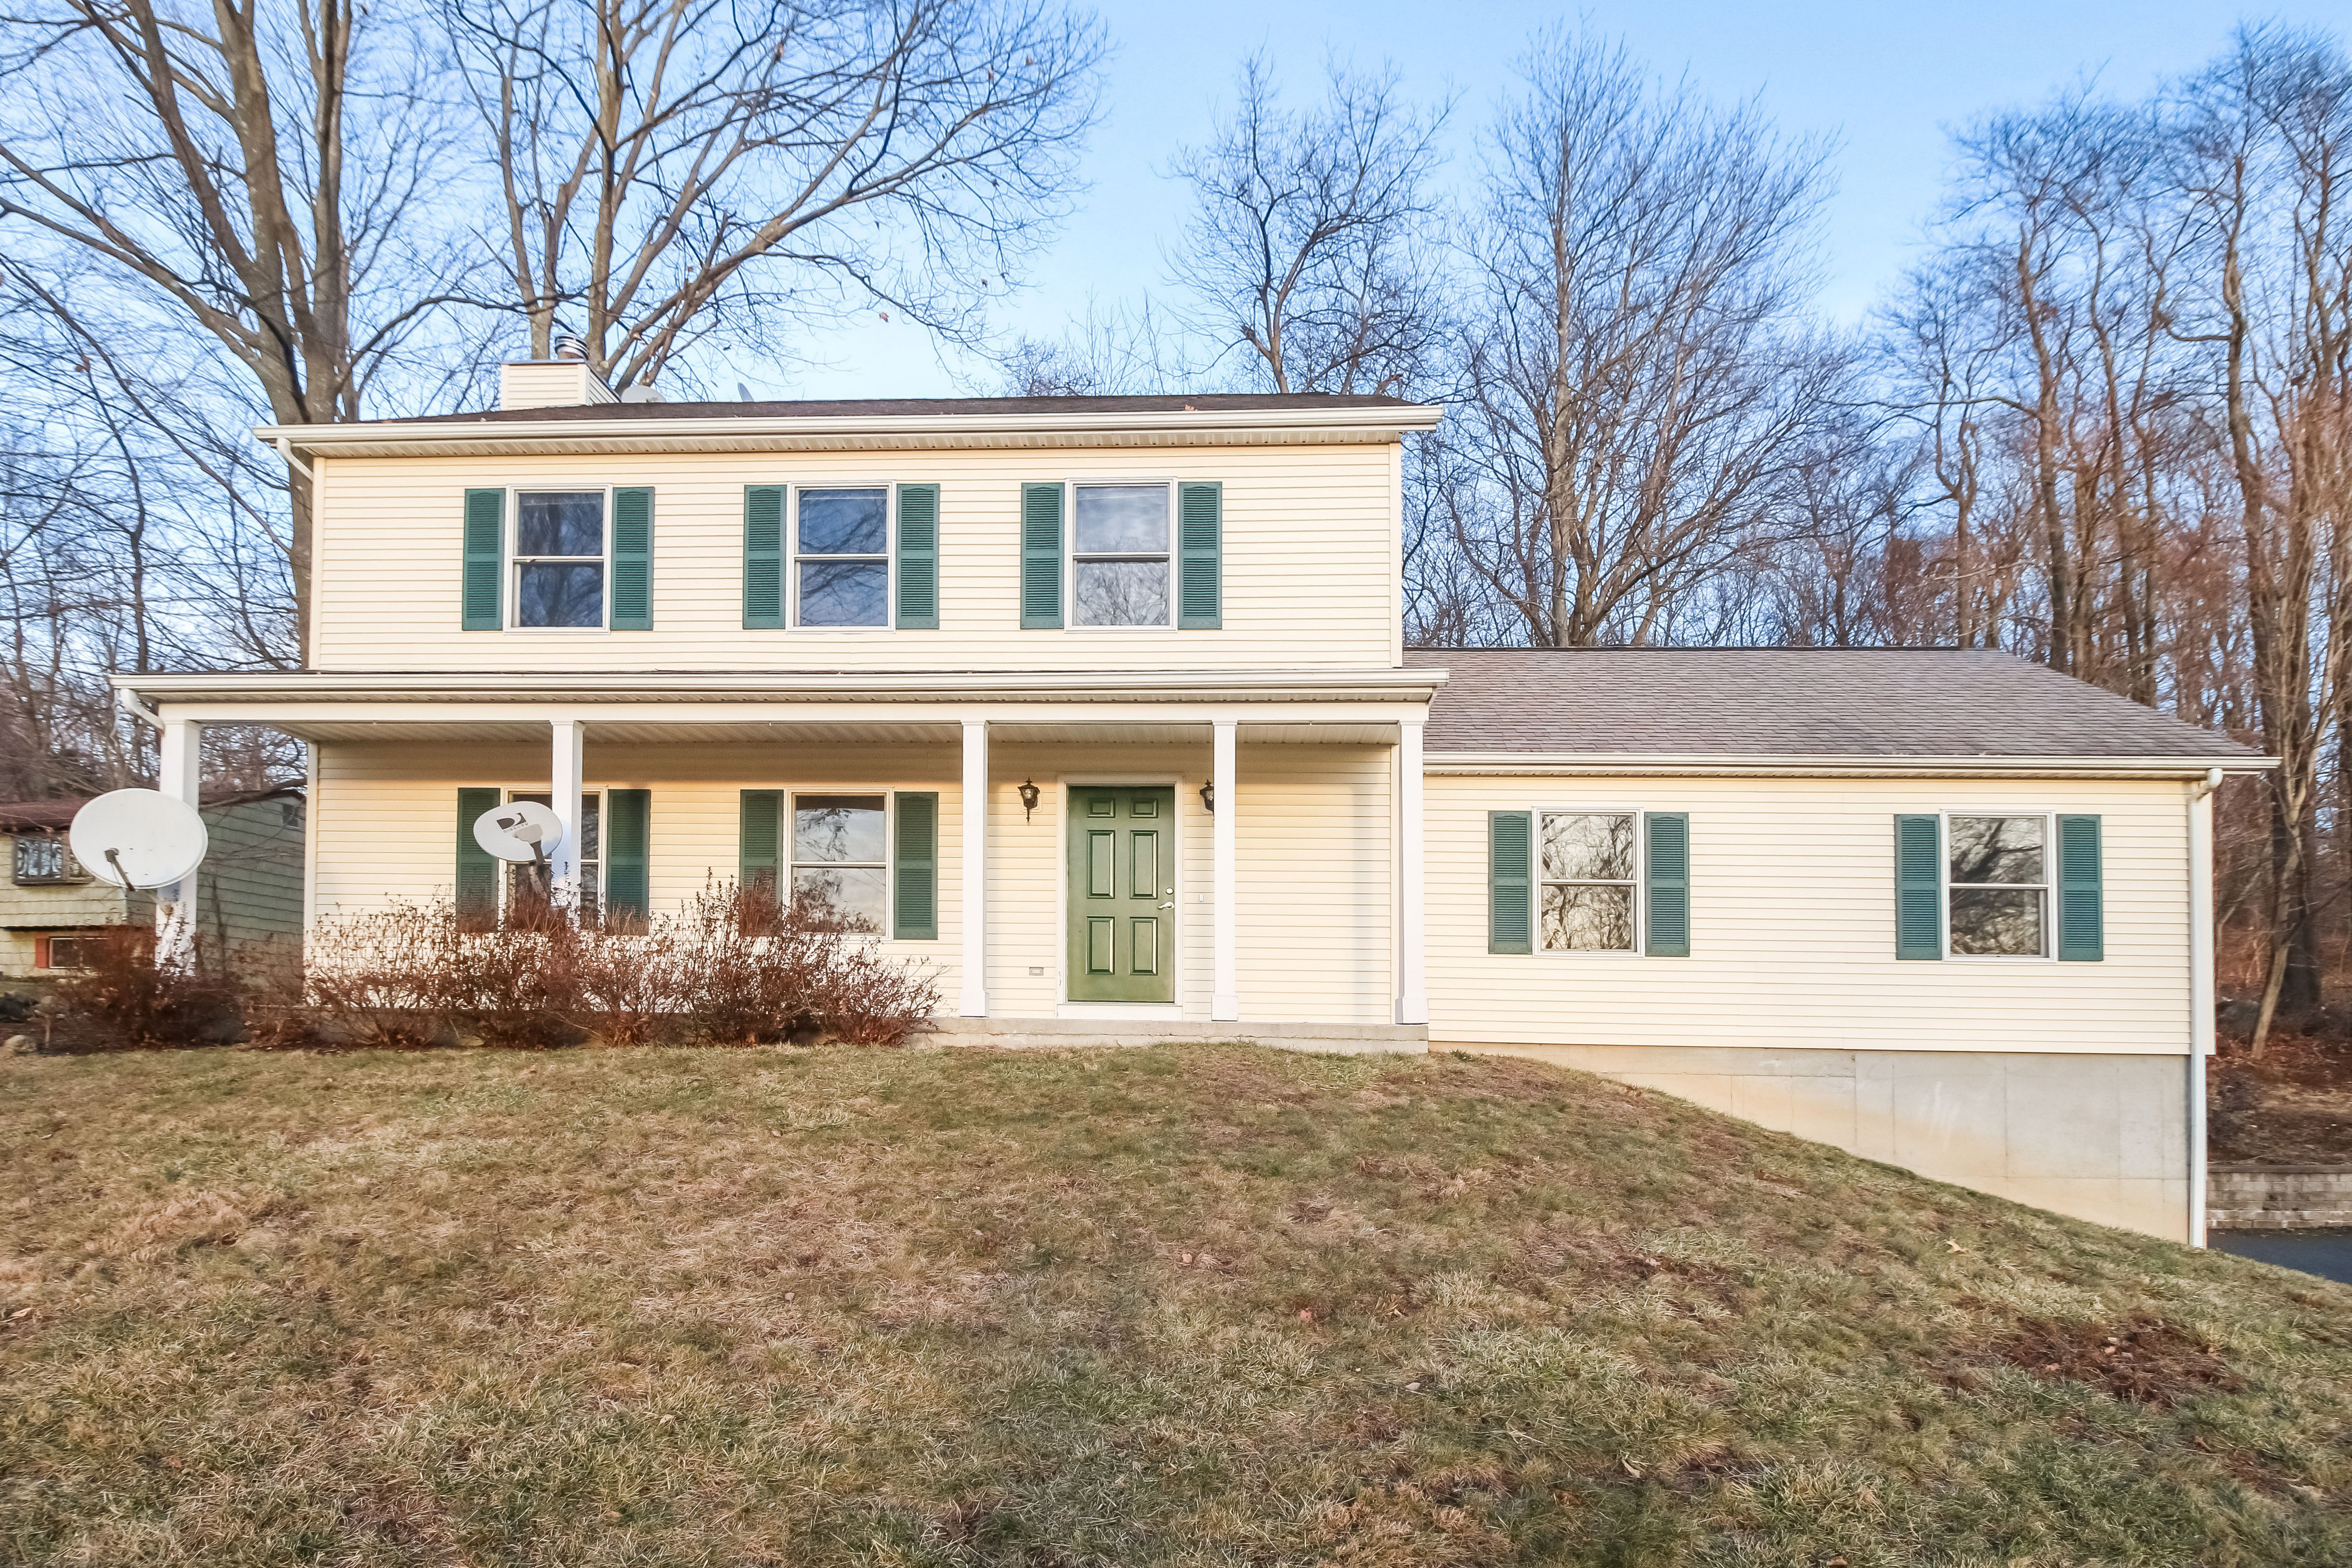 Casa Unifamiliar por un Venta en Farmhouse Colonial 69 Payne Road Bethel, Connecticut 06801 Estados Unidos